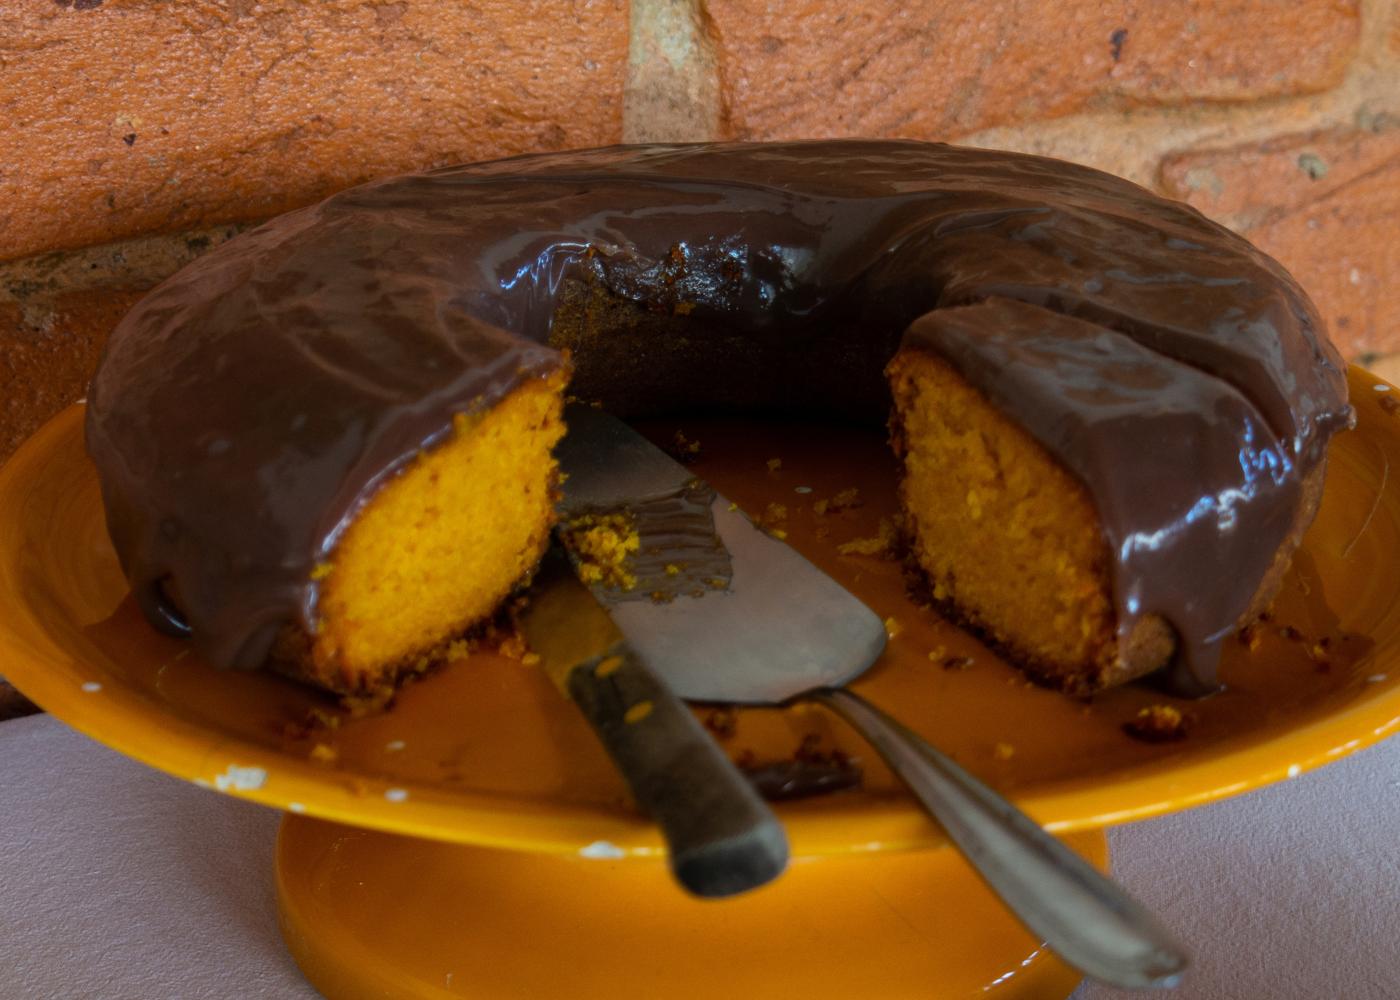 Sobremesas para intolerantes à lactose: bolo de cenoura com cobertura de chocolate